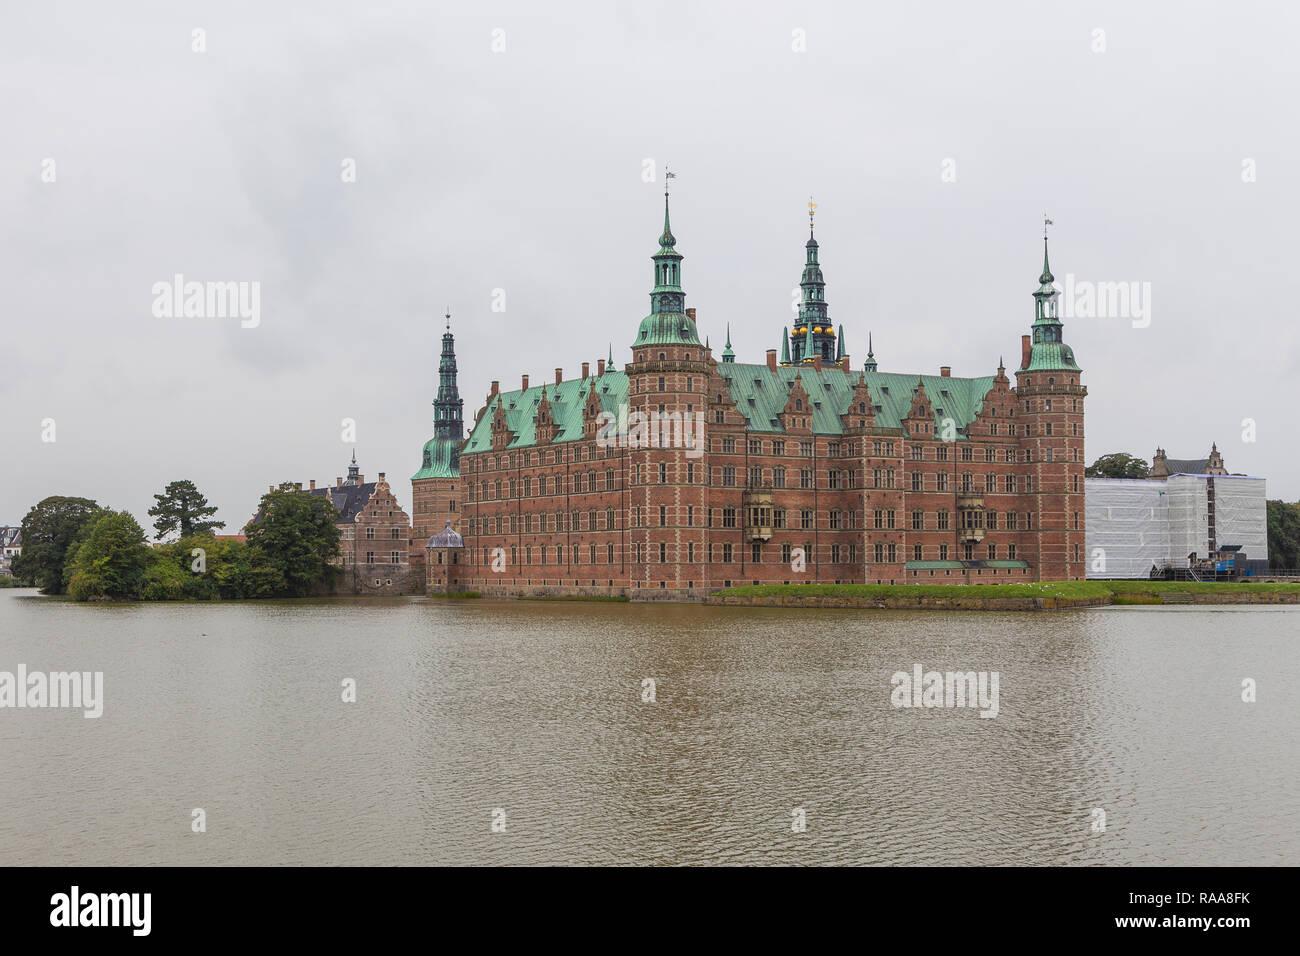 Frederiksborg, Hillerod, Dinamarca - 30 de agosto de 2014: Palacio de Frederiksborg, en Hillerod complejo palaciego. La mayor residencia renacentista en Escandinavia Foto de stock